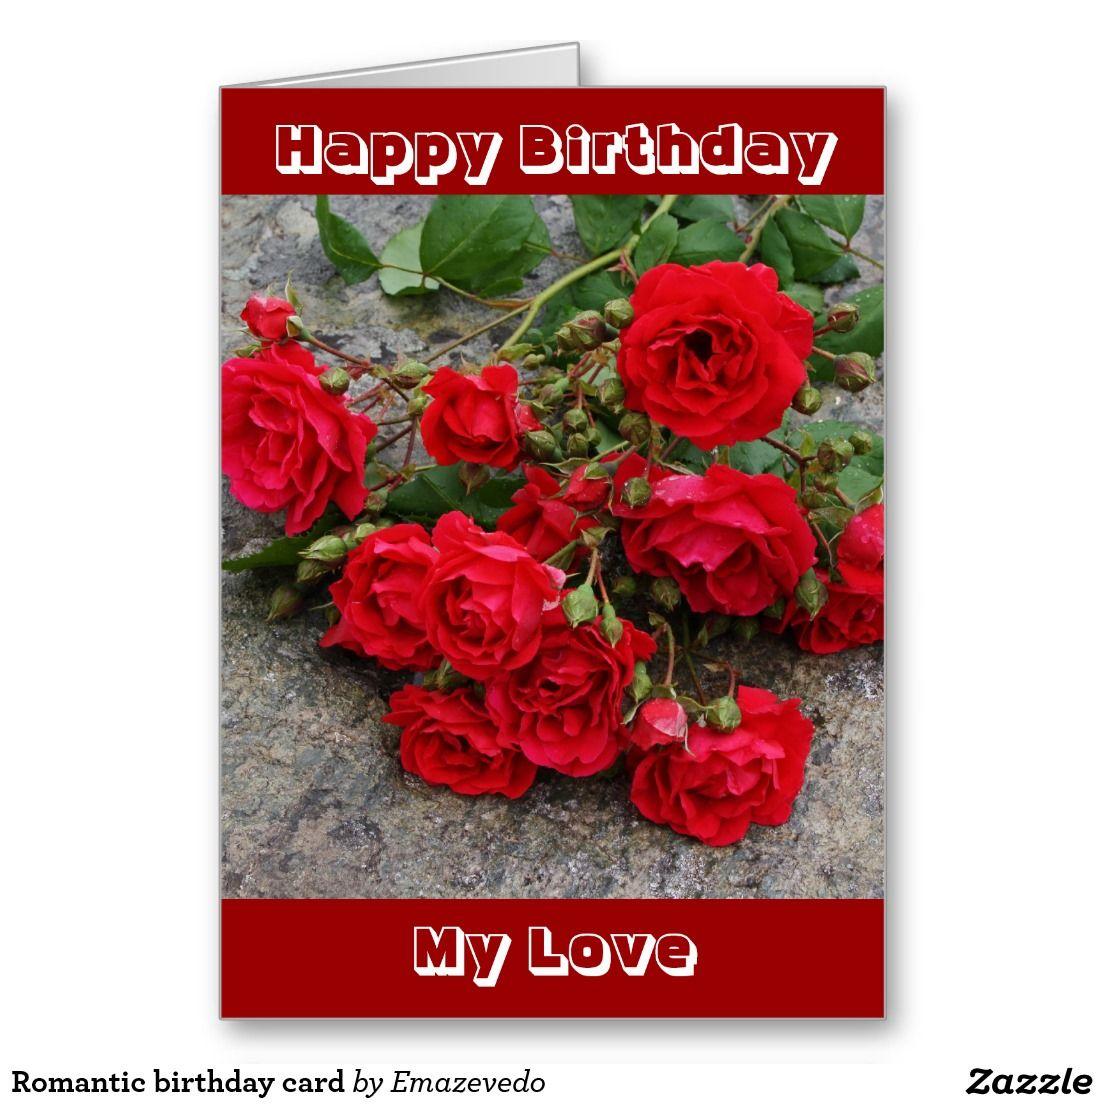 Romantic birthday card romantic birthday cards romantic romantic birthday card kristyandbryce Choice Image